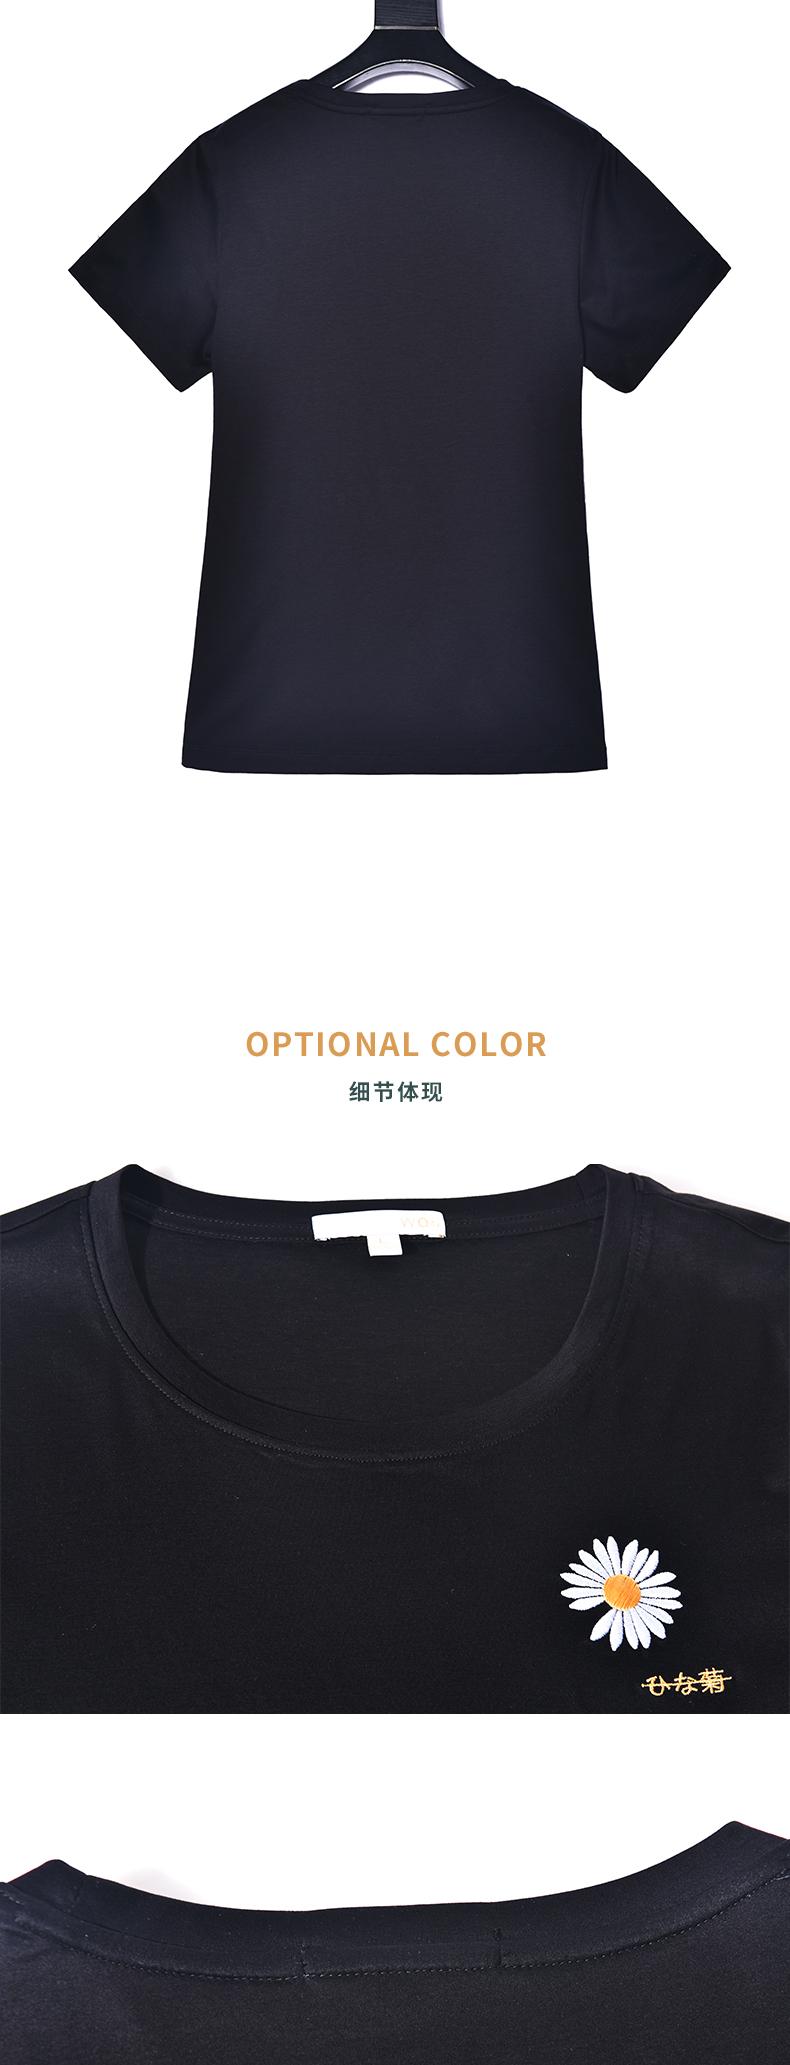 服装_04.jpg